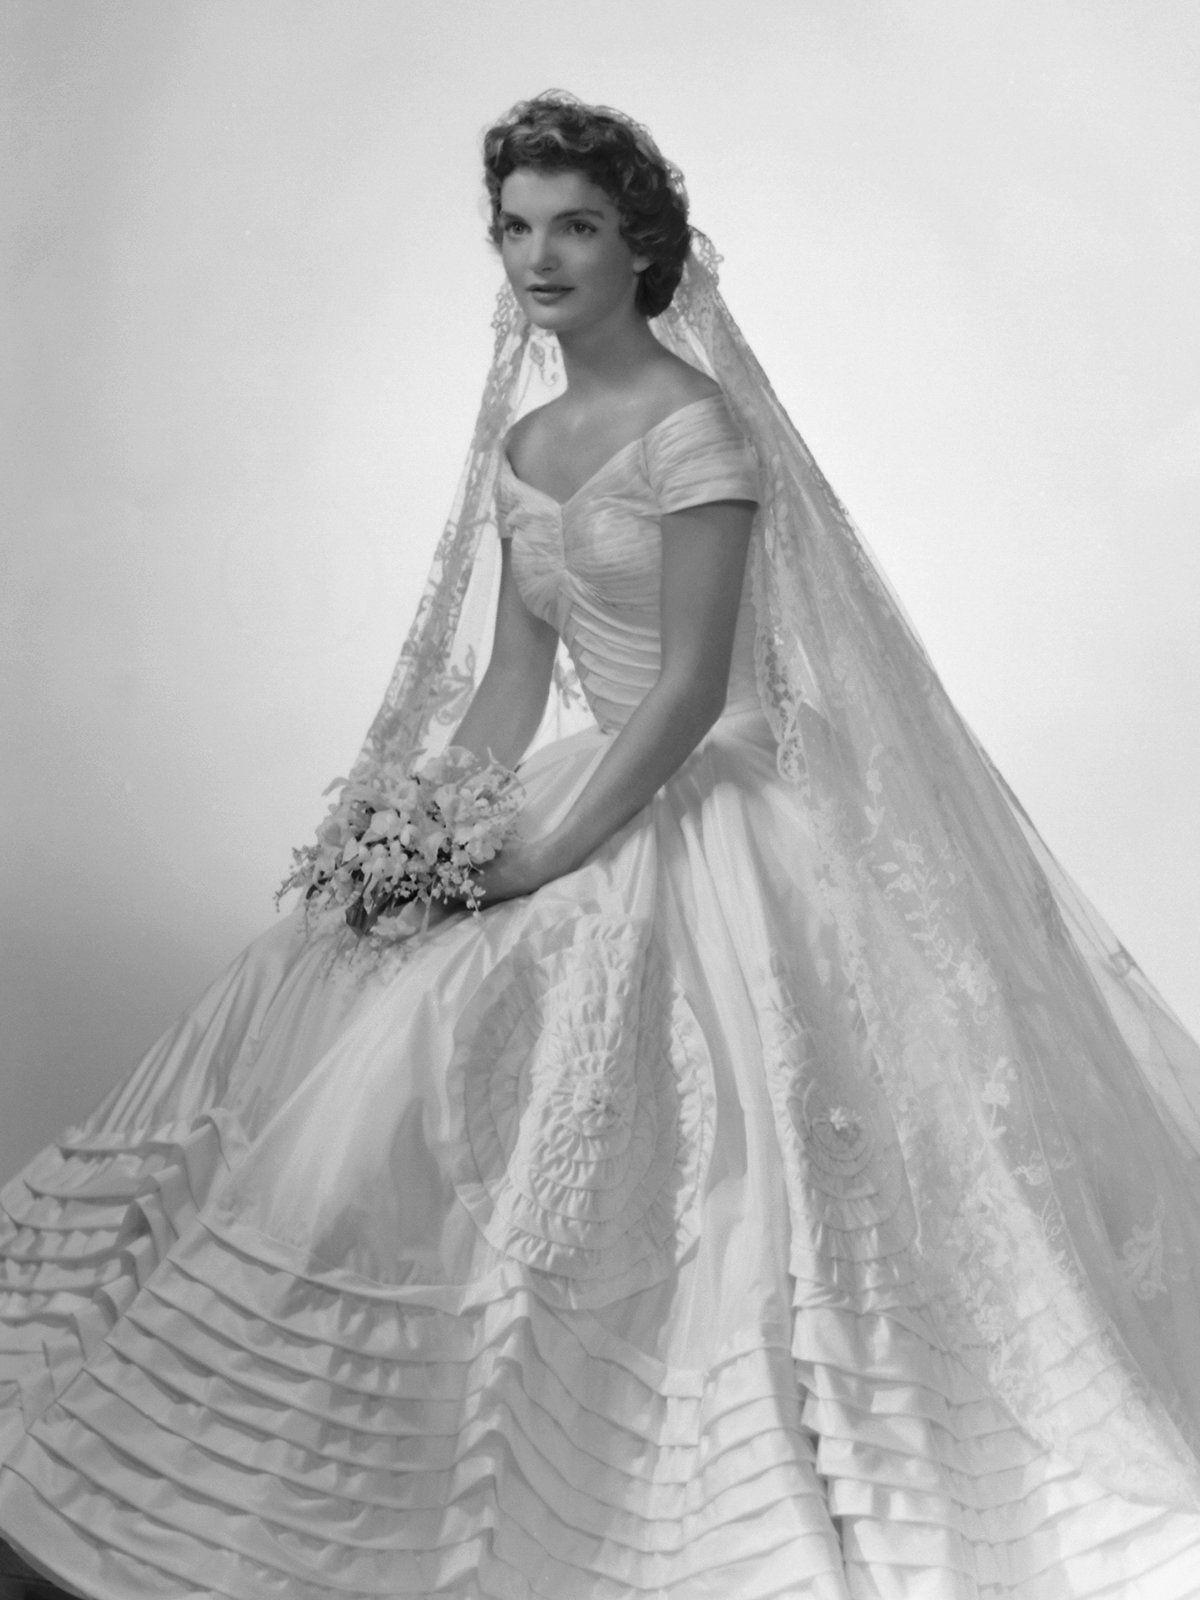 Jackie O Hochzeitskleid Ballkleid Hochzeit Hochzeitskleider Vintage Hochzeitskleid